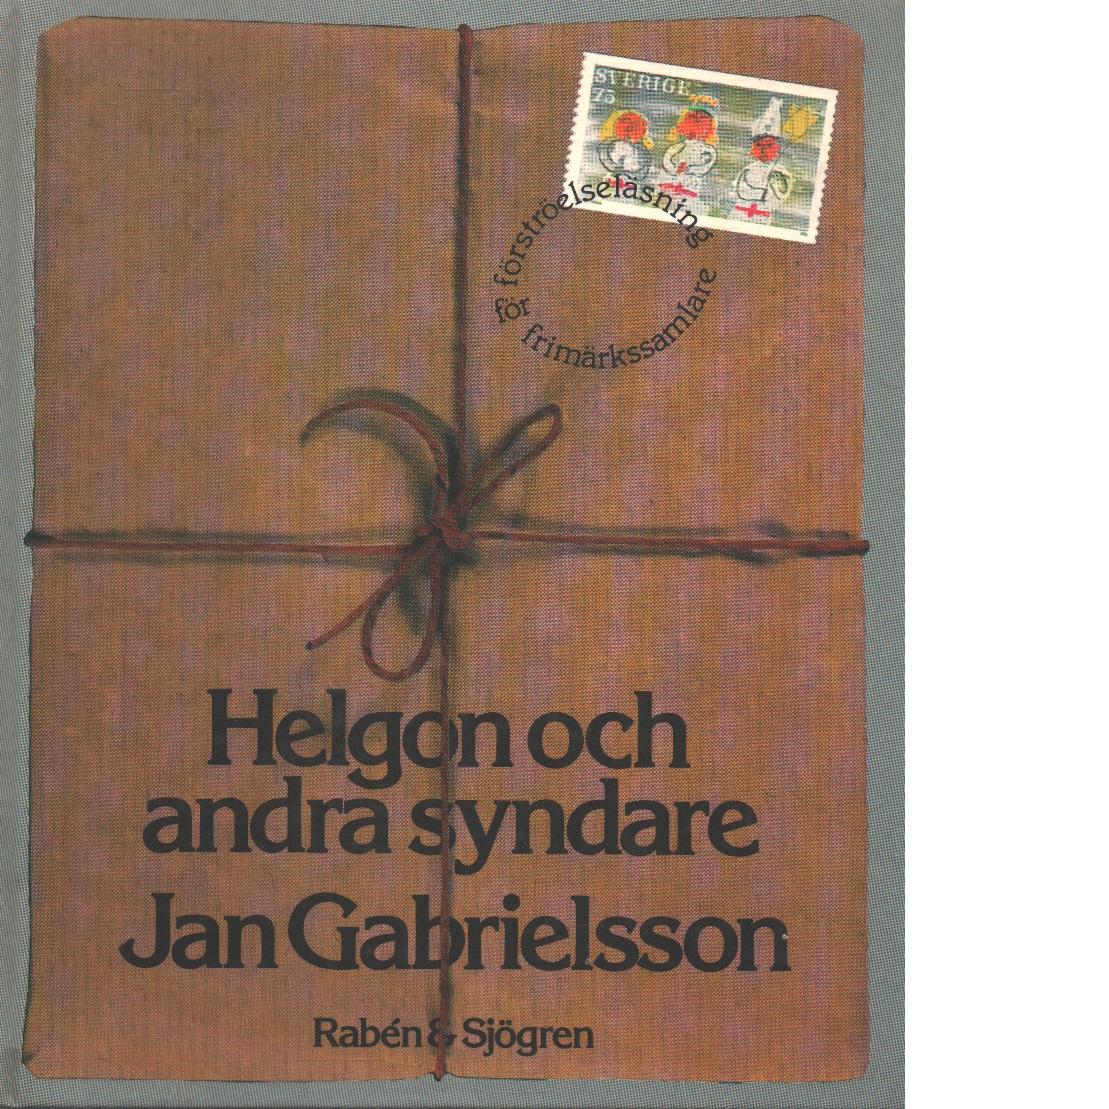 Helgon och andra syndare : förströelseläsning för frimärkssamlare - Gabrielsson, Jan